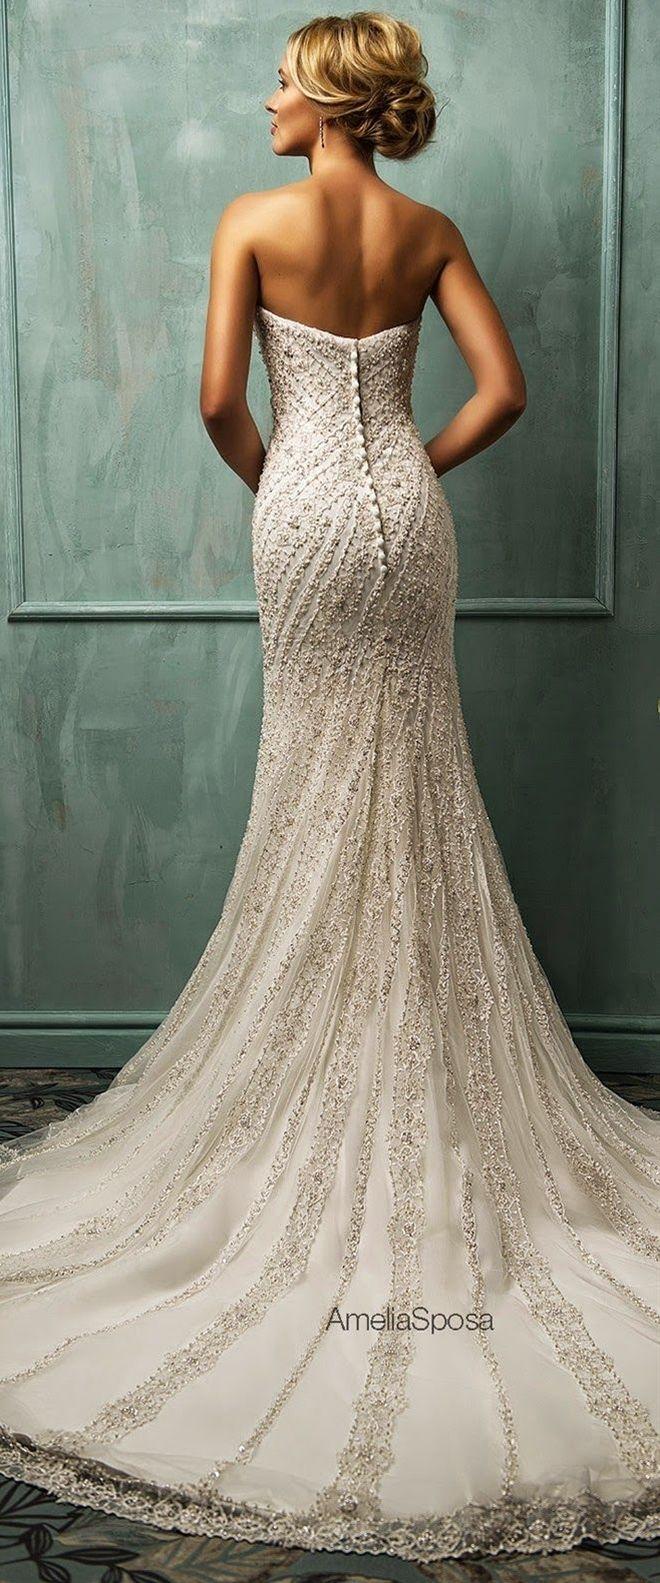 Big pretty wedding dresses  classy wedding dress  Gowns Weddings and Classy wedding dress